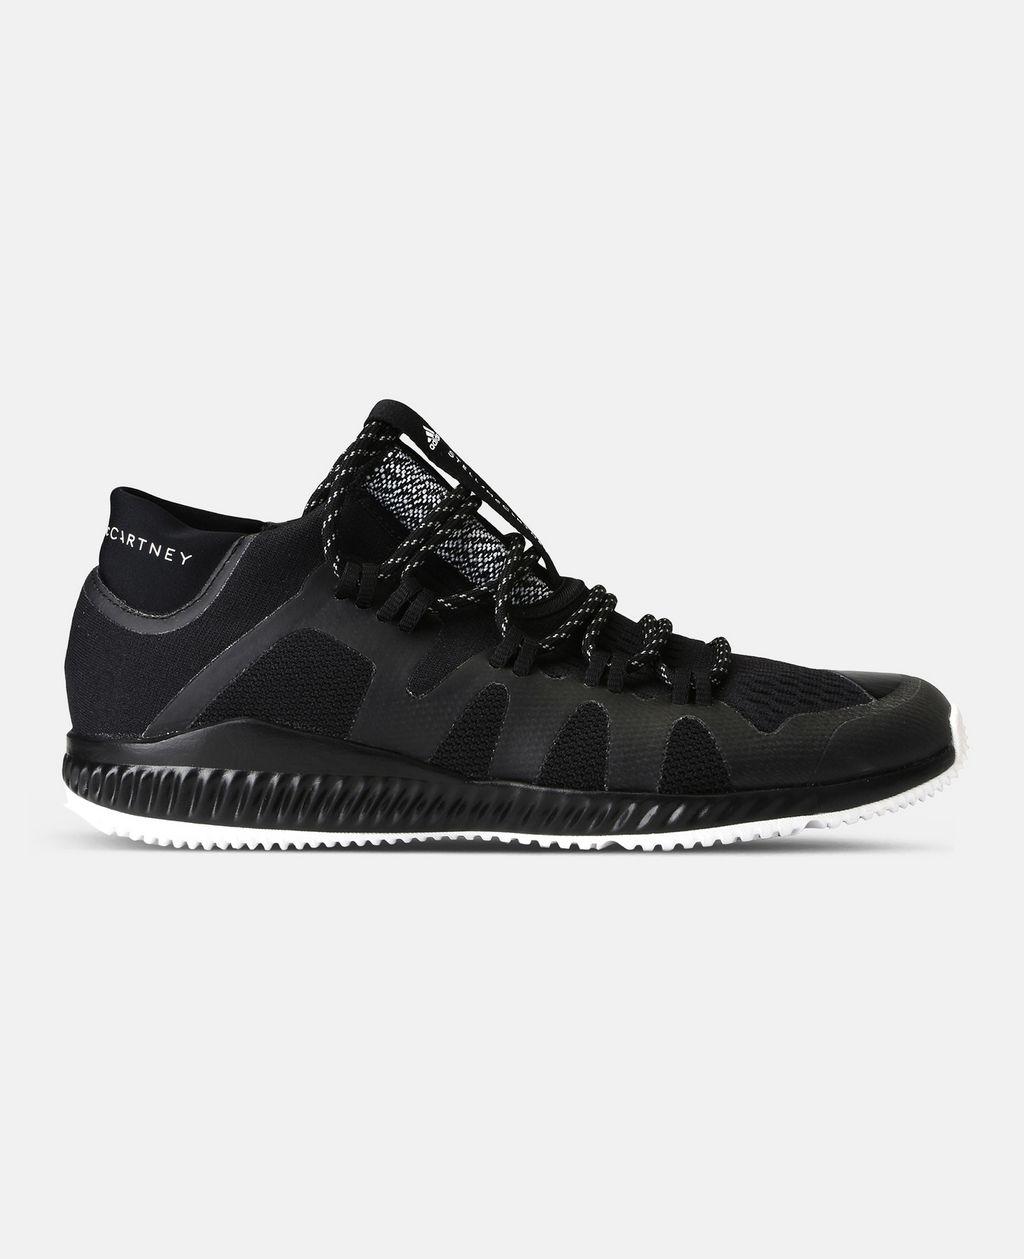 chaussure Chaussure Adidas Adidas Chat ChatU0027 Chat ChatU0027 Adidas chaussure Chaussure Chaussure kXPZiOuT